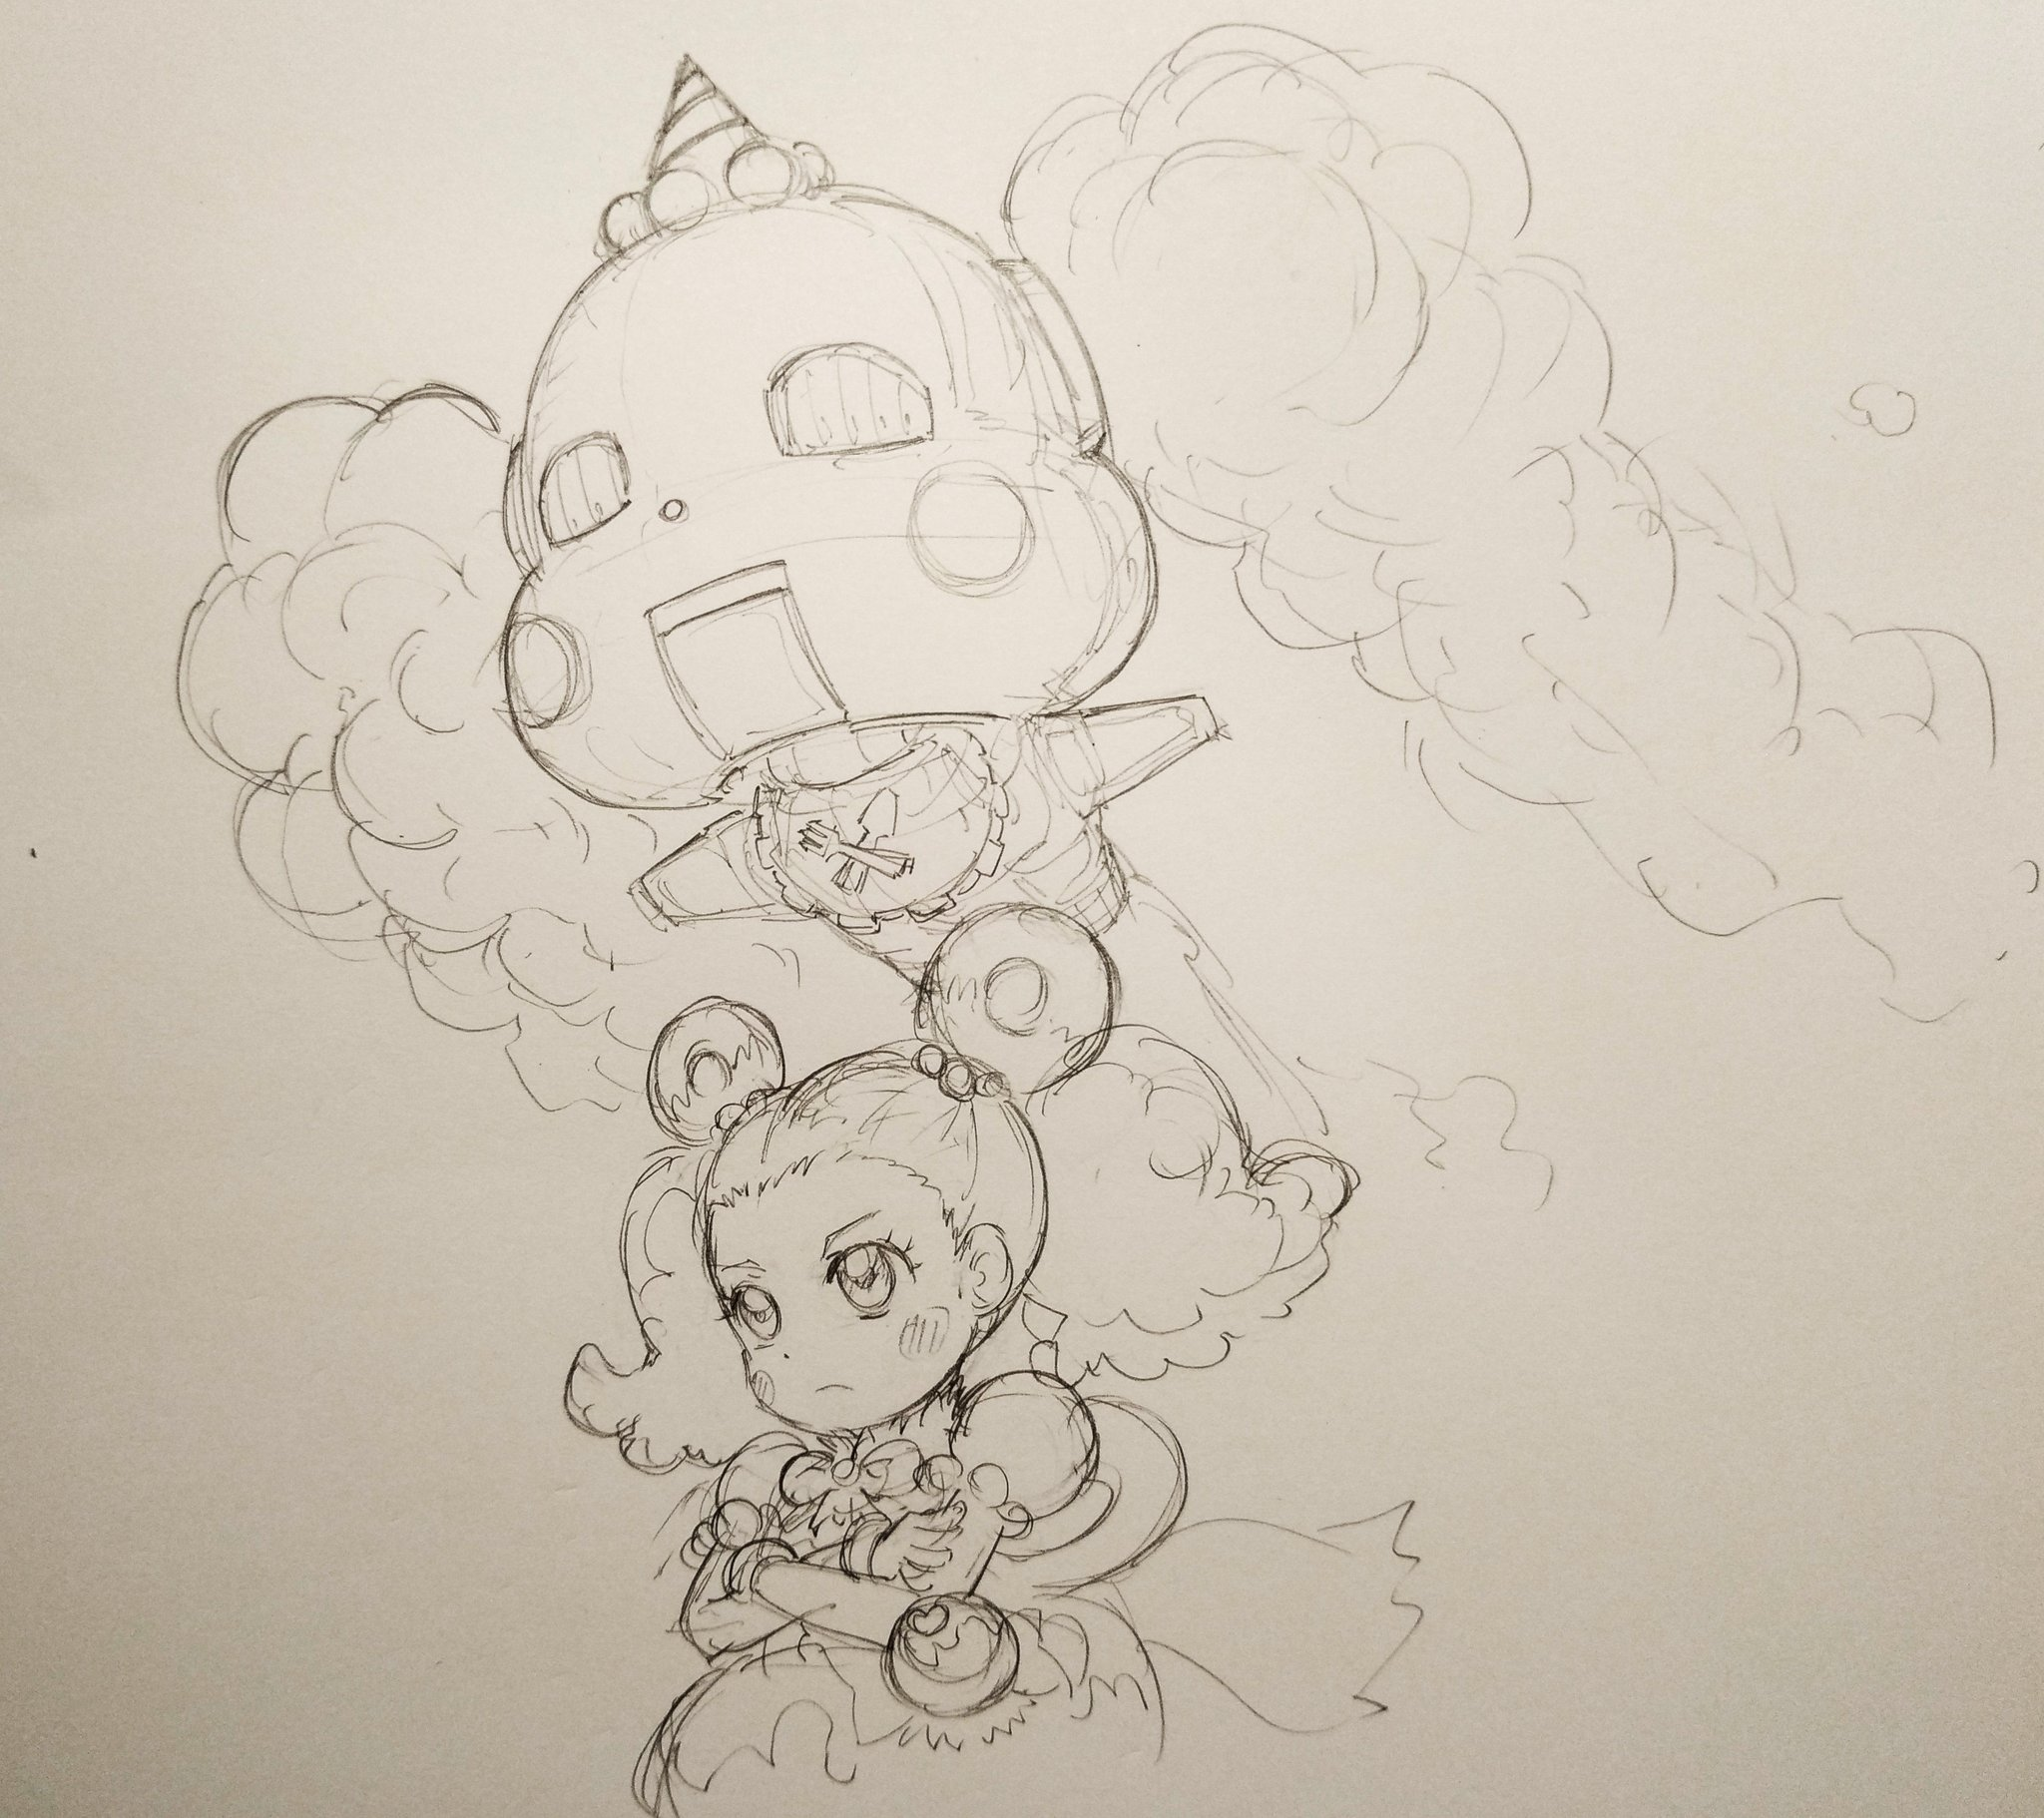 AI♪プリキュアタイプ (@ai00111458)さんのイラスト